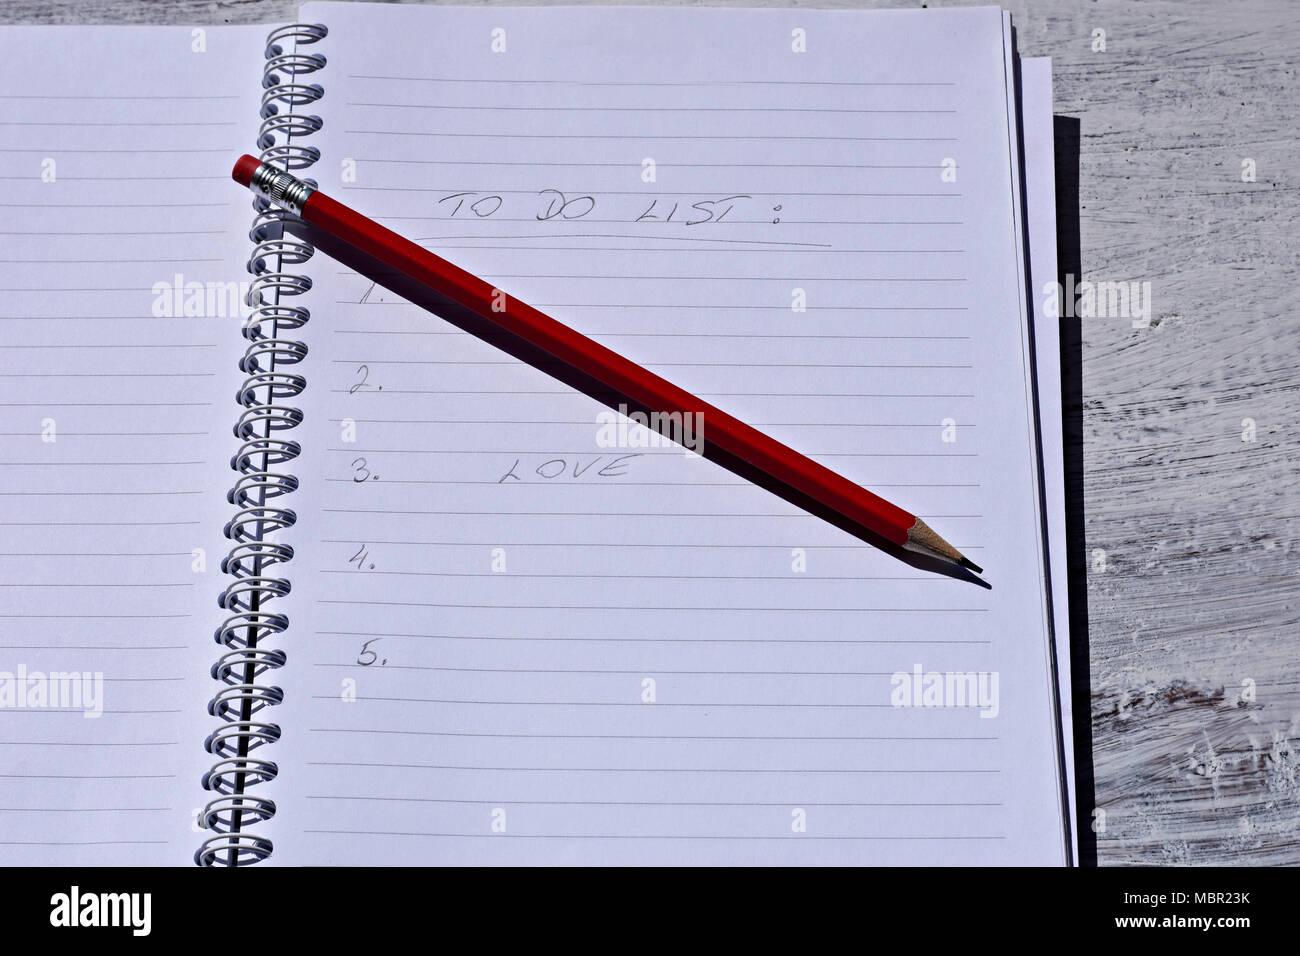 Roter Stift Mit Notebook Auf Holz  Tabelle Speichern Kreative Ideen Auf  Papier. Grundausstattung Vor Dem Computer. Auf Der Rustikalen Tisch  Hintergrund